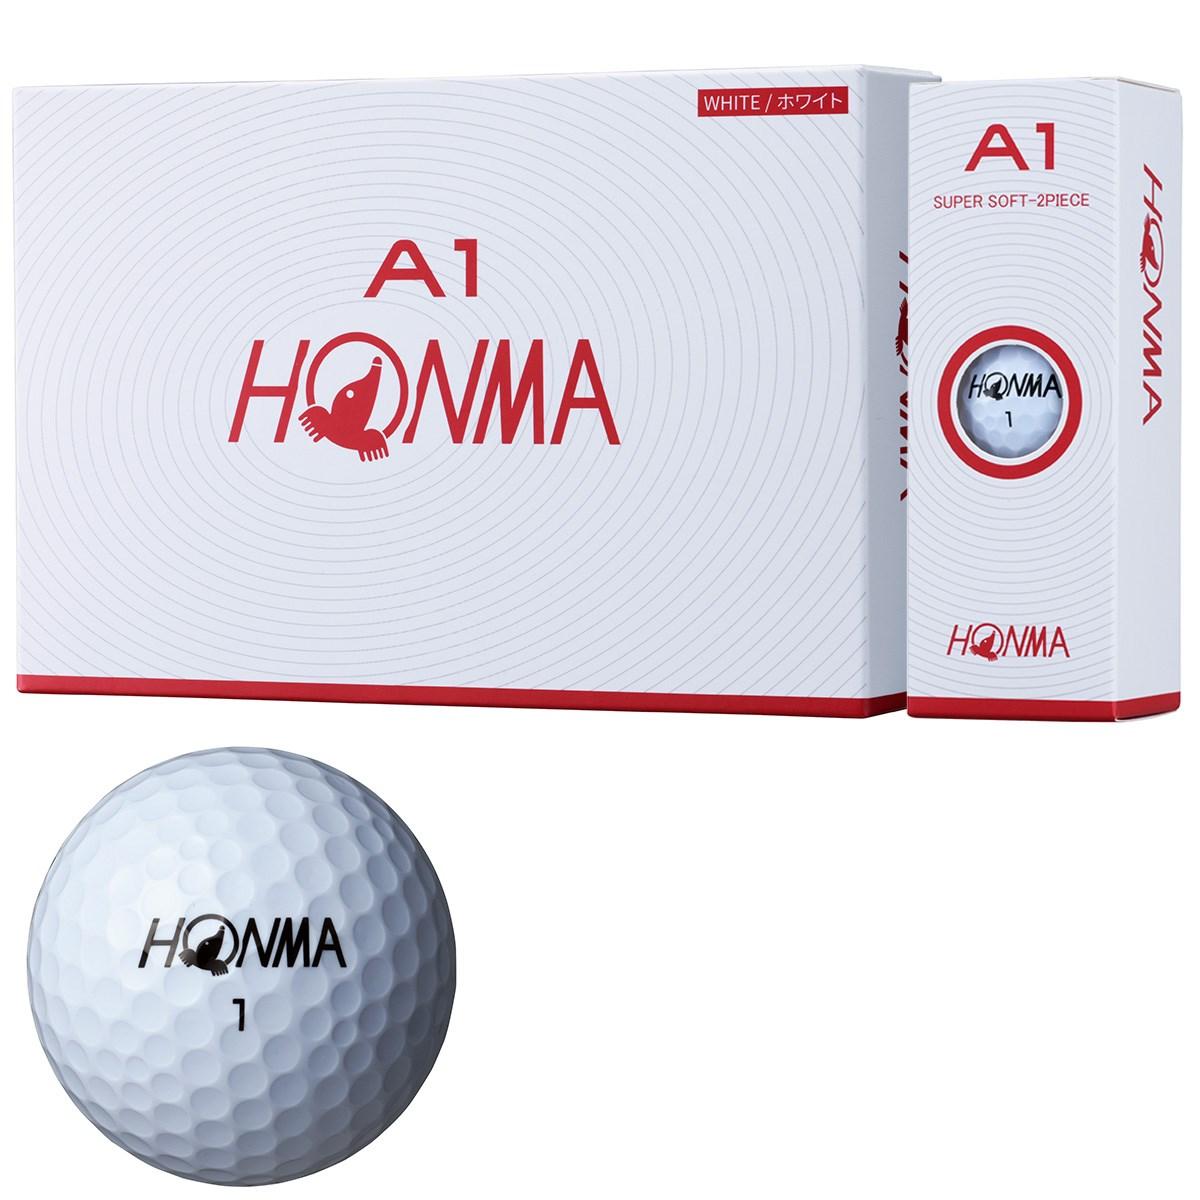 本間ゴルフ(HONMA GOLF) A1 ボール